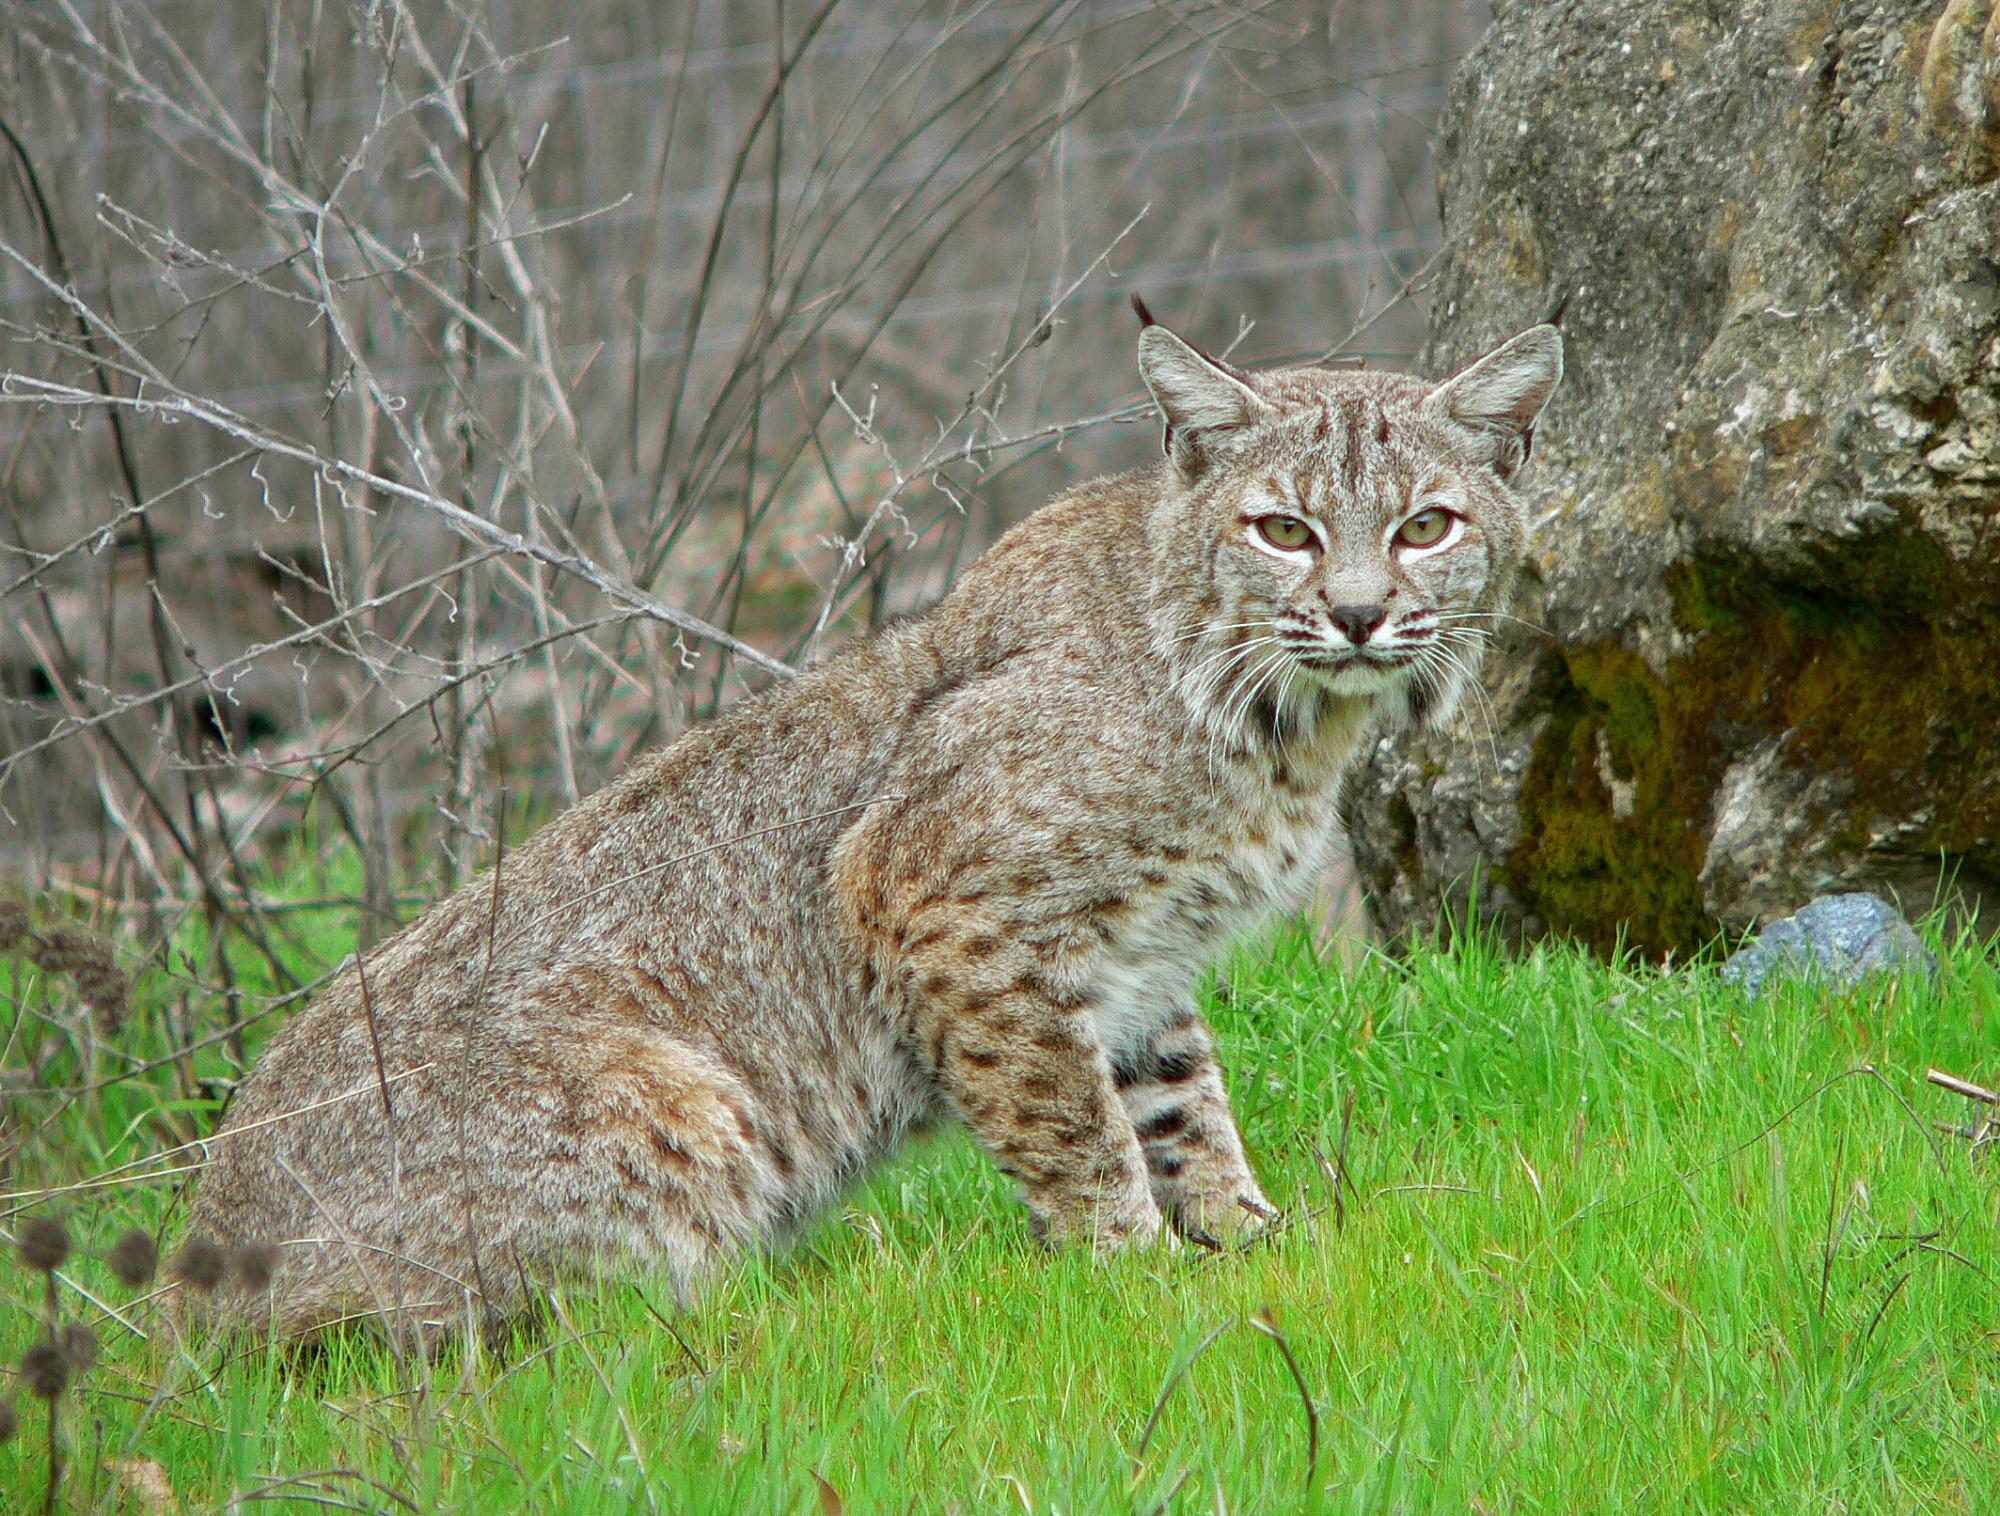 Wild Bobcat, Animal, Bob, Bobcat, Cat, HQ Photo